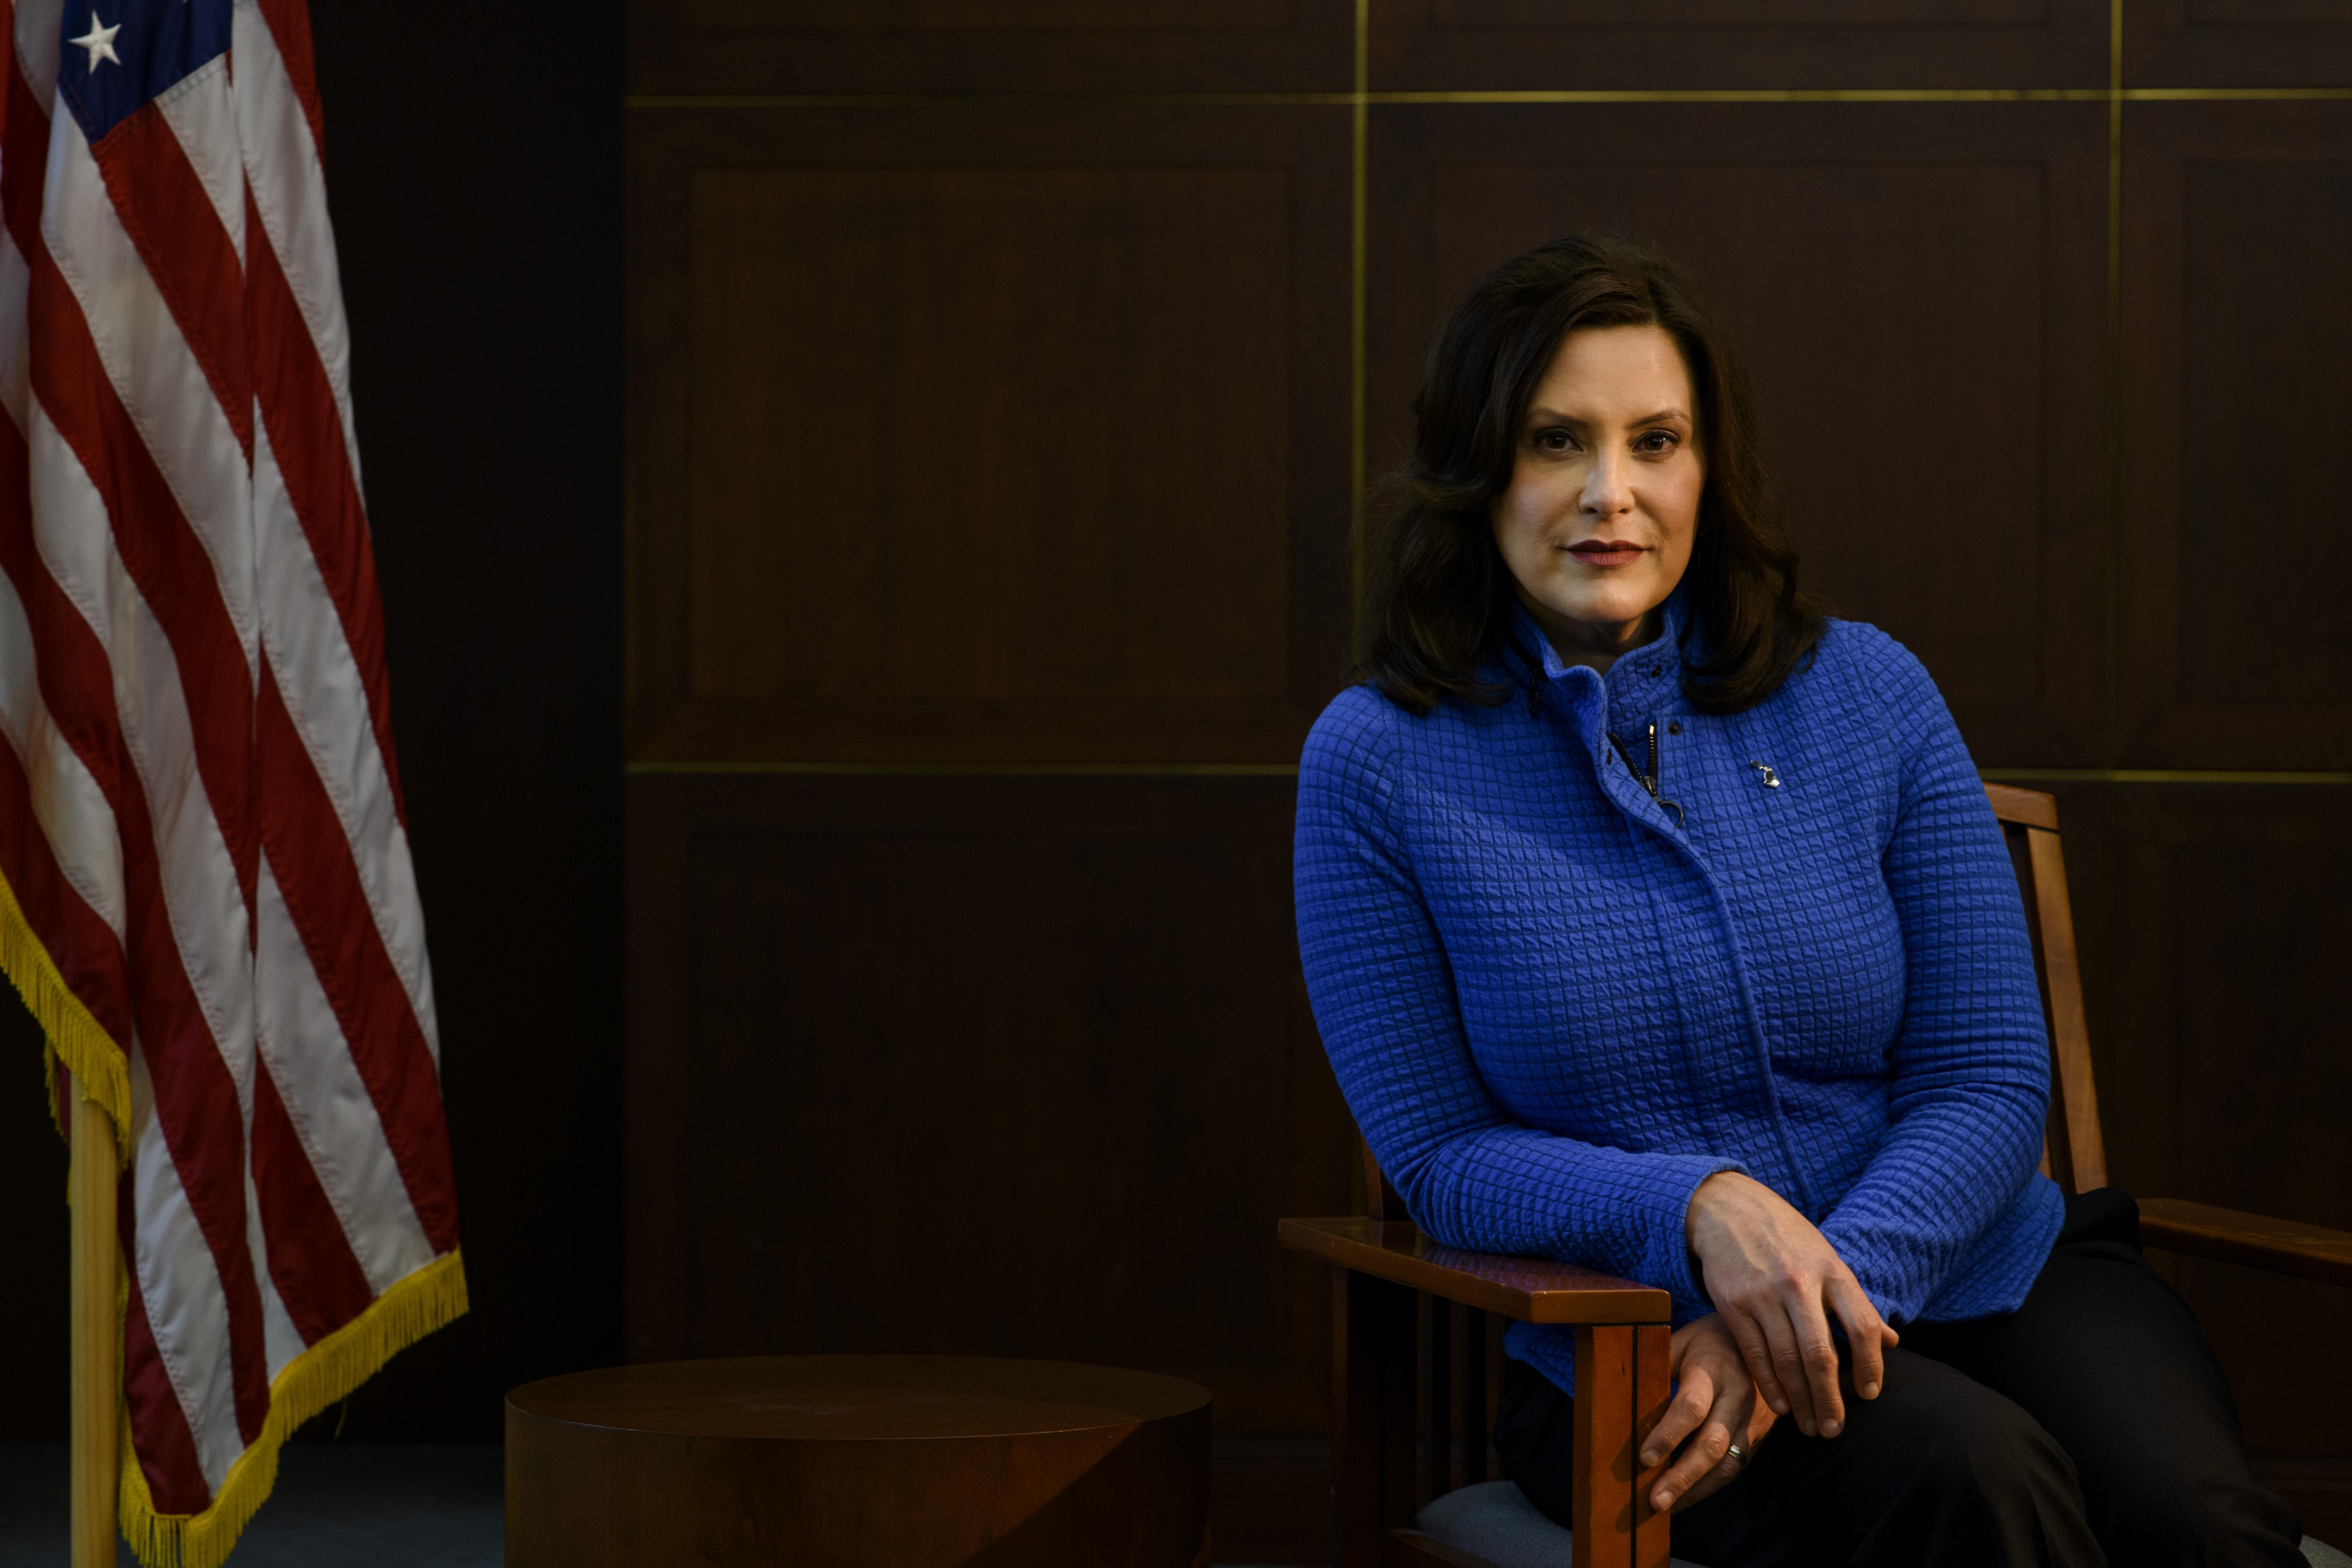 Gretchen Whitmer S Turbulent Rise The Washington Post